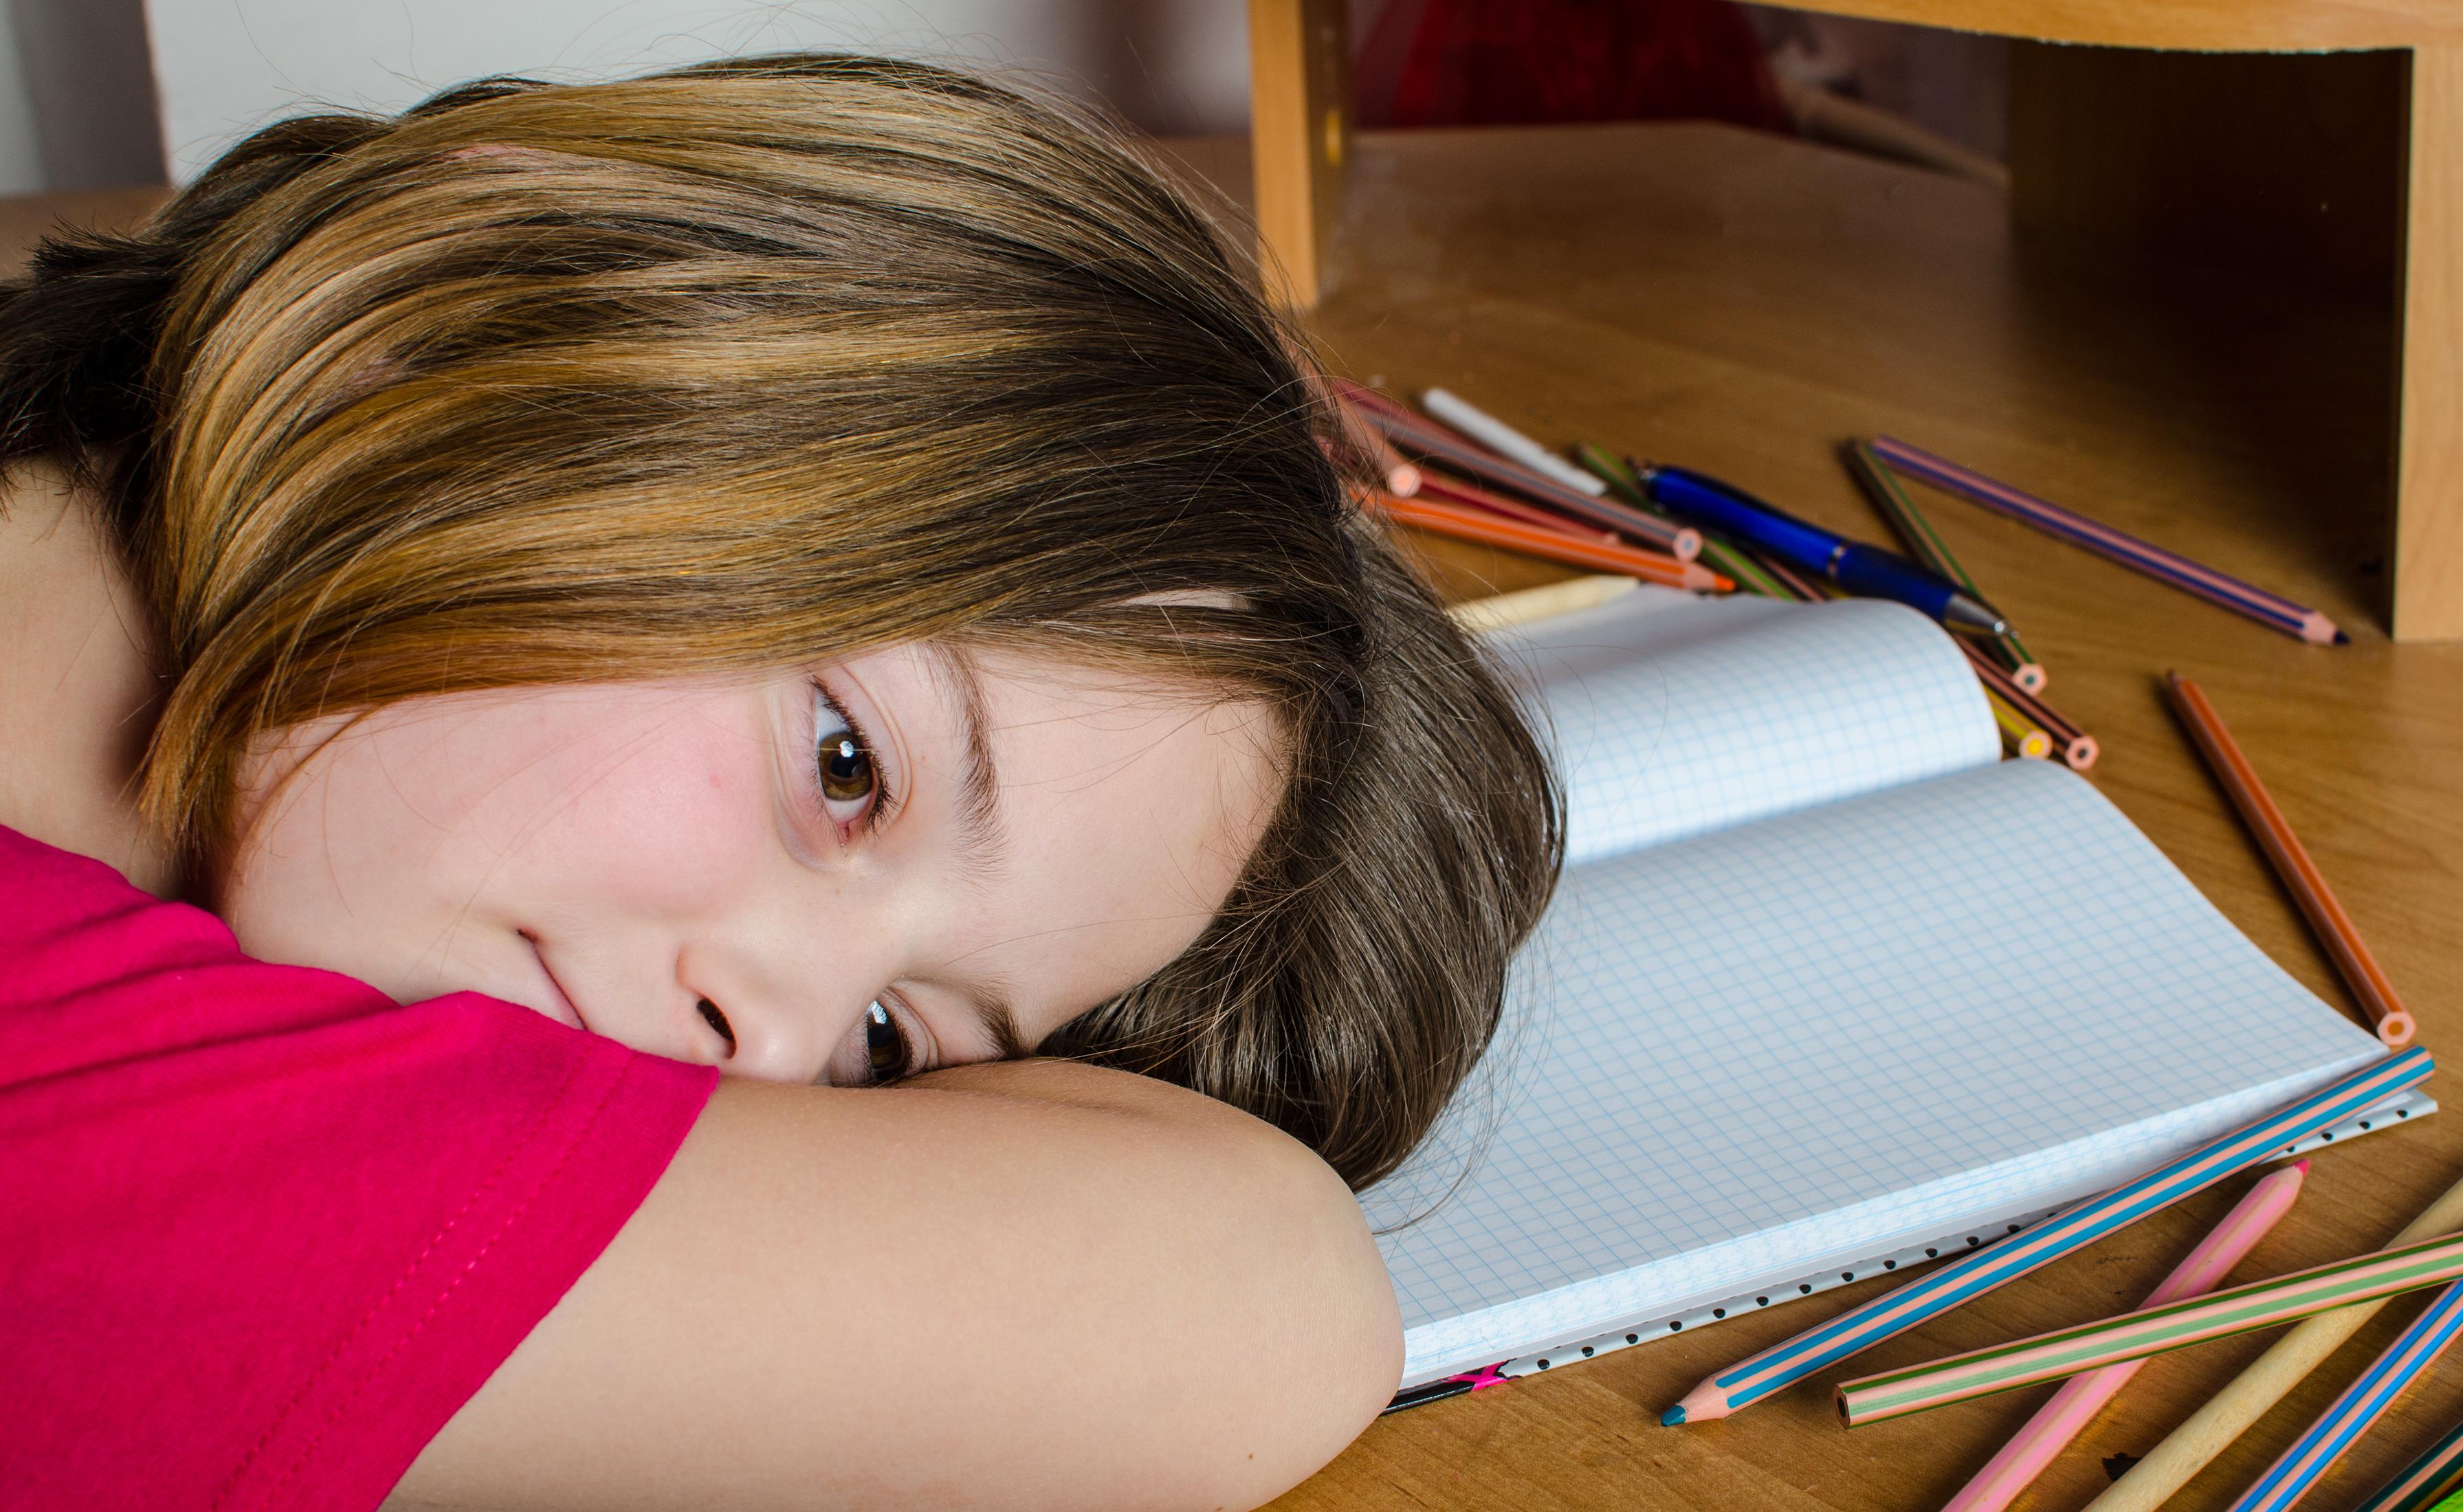 copil care sta cu capul pe caiet